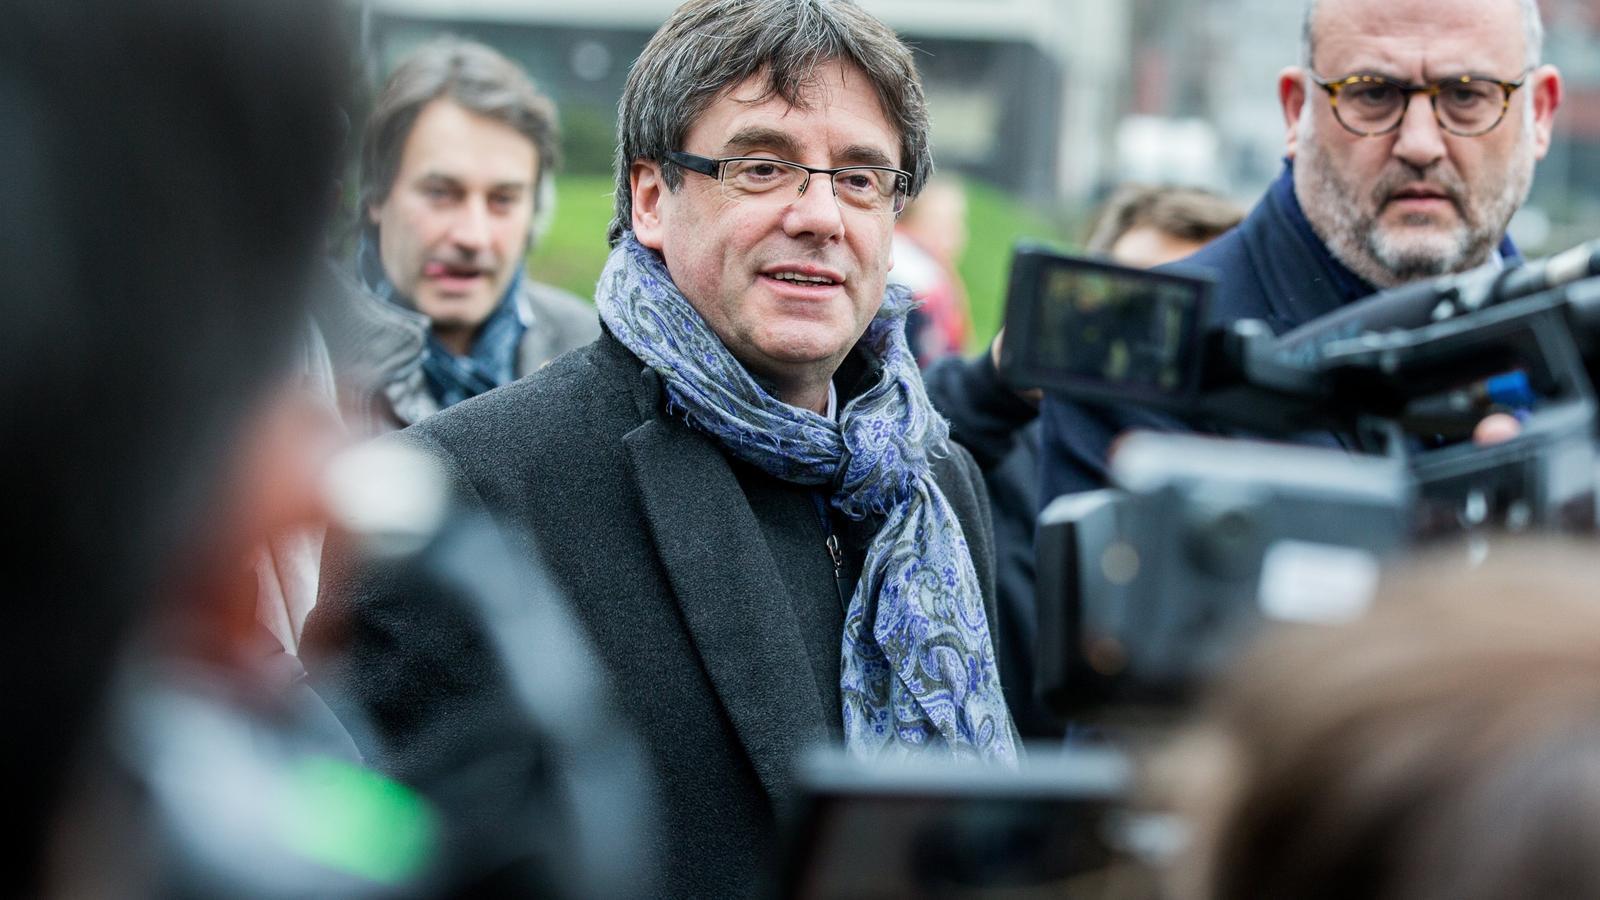 El jutge Llarena difícilment tramitarà l'euroordre per detenir el president